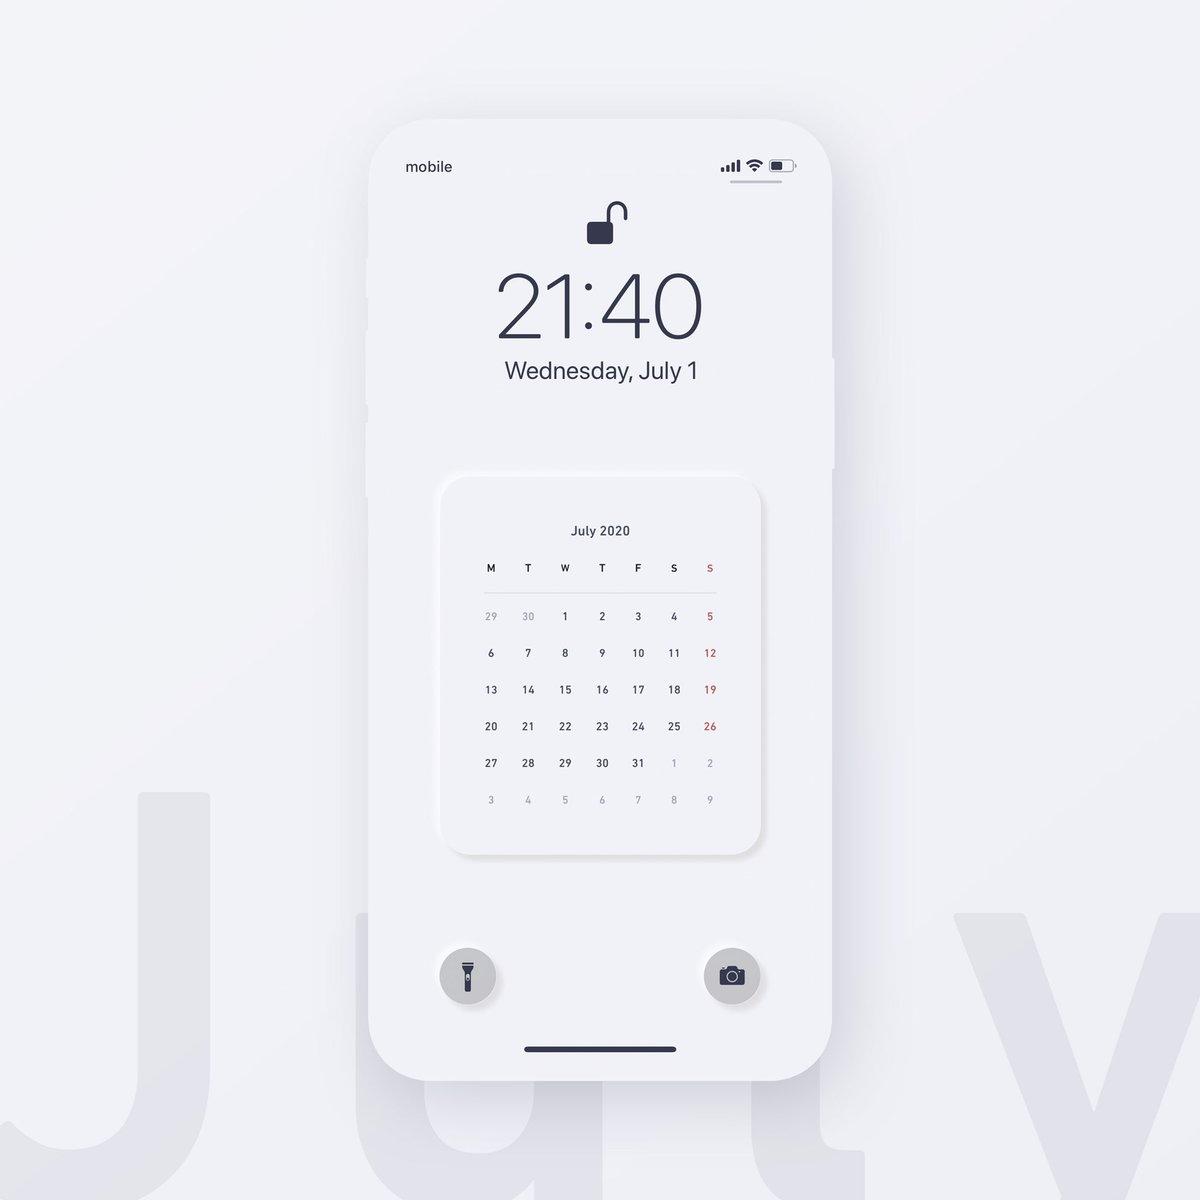 フジタユウト ユトログ 年7月版 Iphone壁紙 ミニマルなiphone用ロック画面壁紙を作りました 対応機種はiphone 6 Iphone 6s Iphone 7 Iphone 8 Iphone Se 第2世代 Iphone X Iphone Xs Iphone Xr